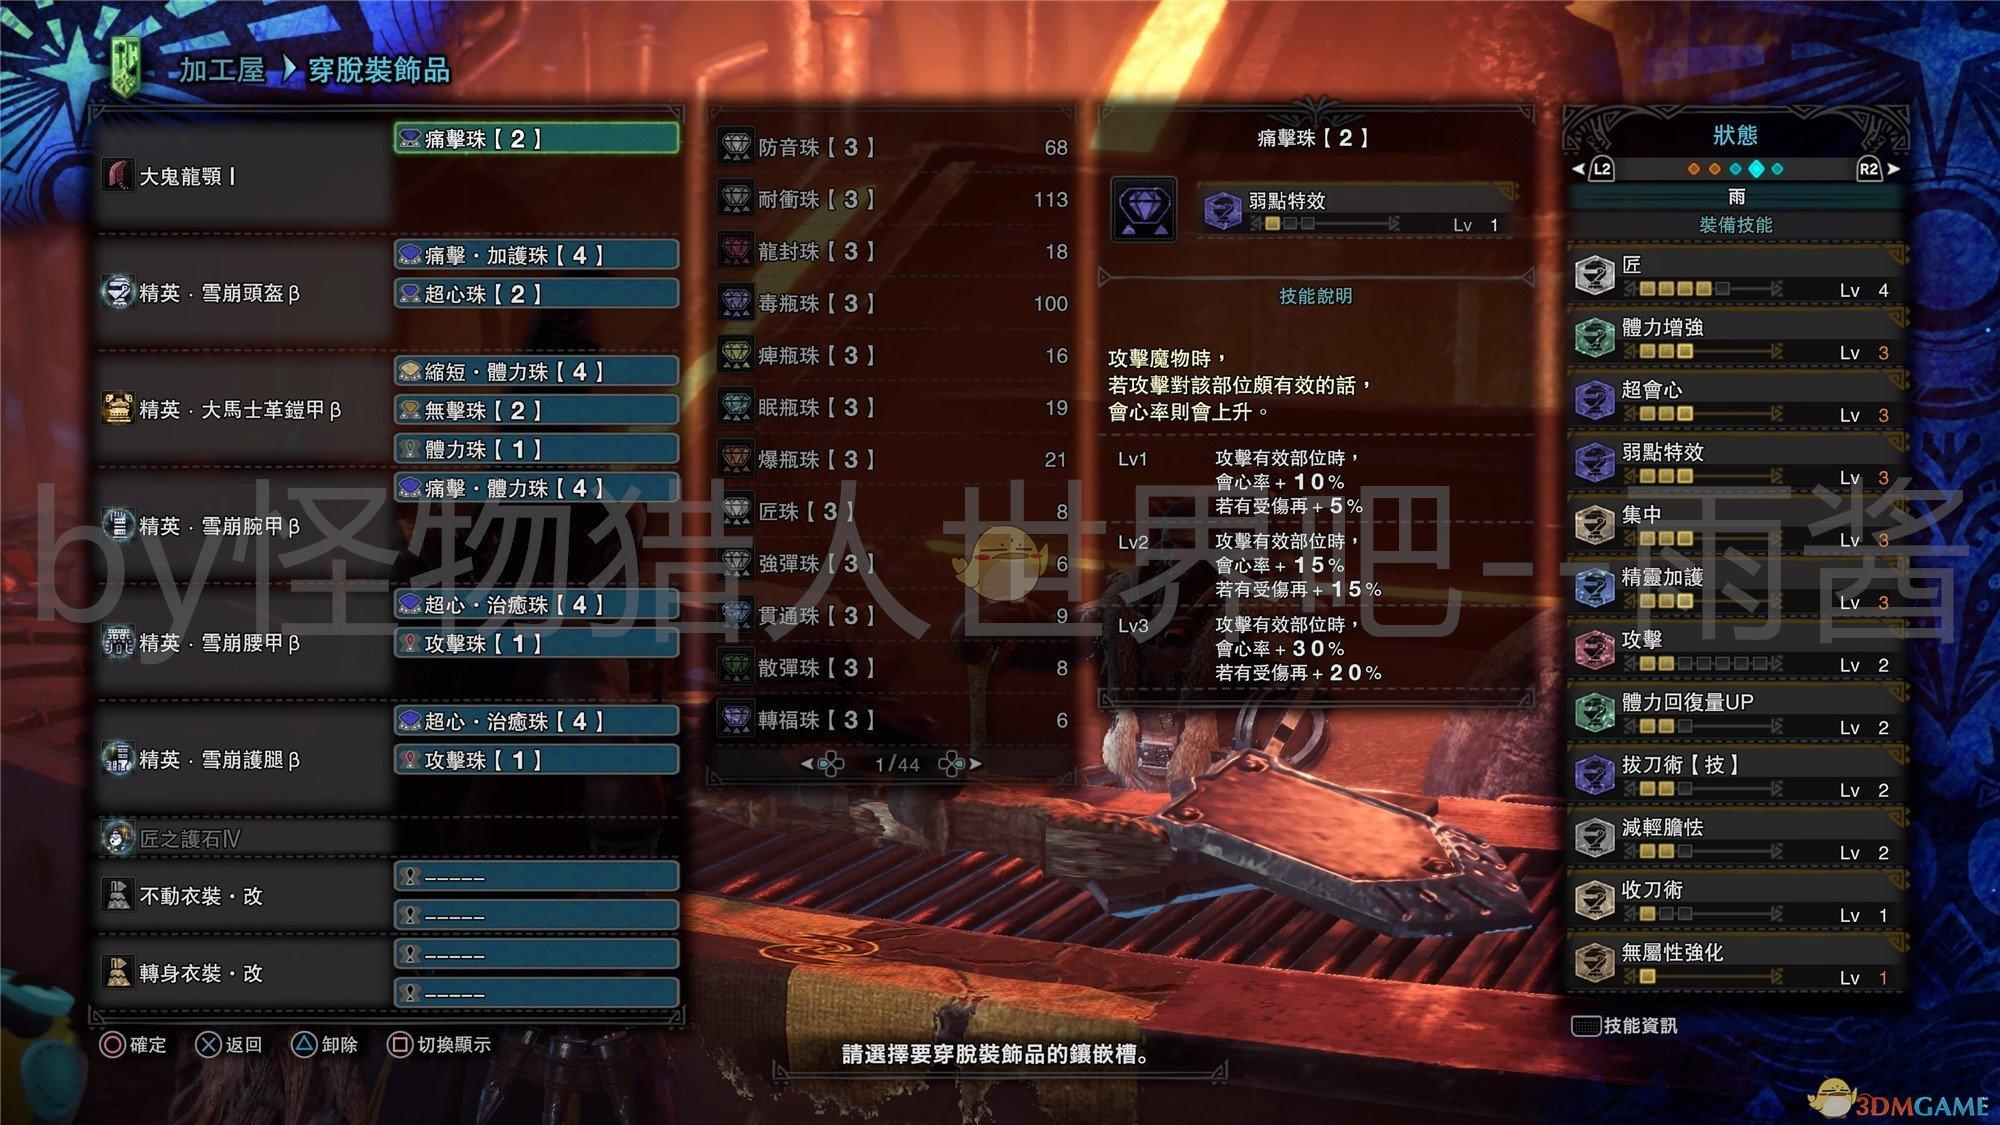 《怪物猎人:世界》冰原DLC大剑拔刀流配装分享